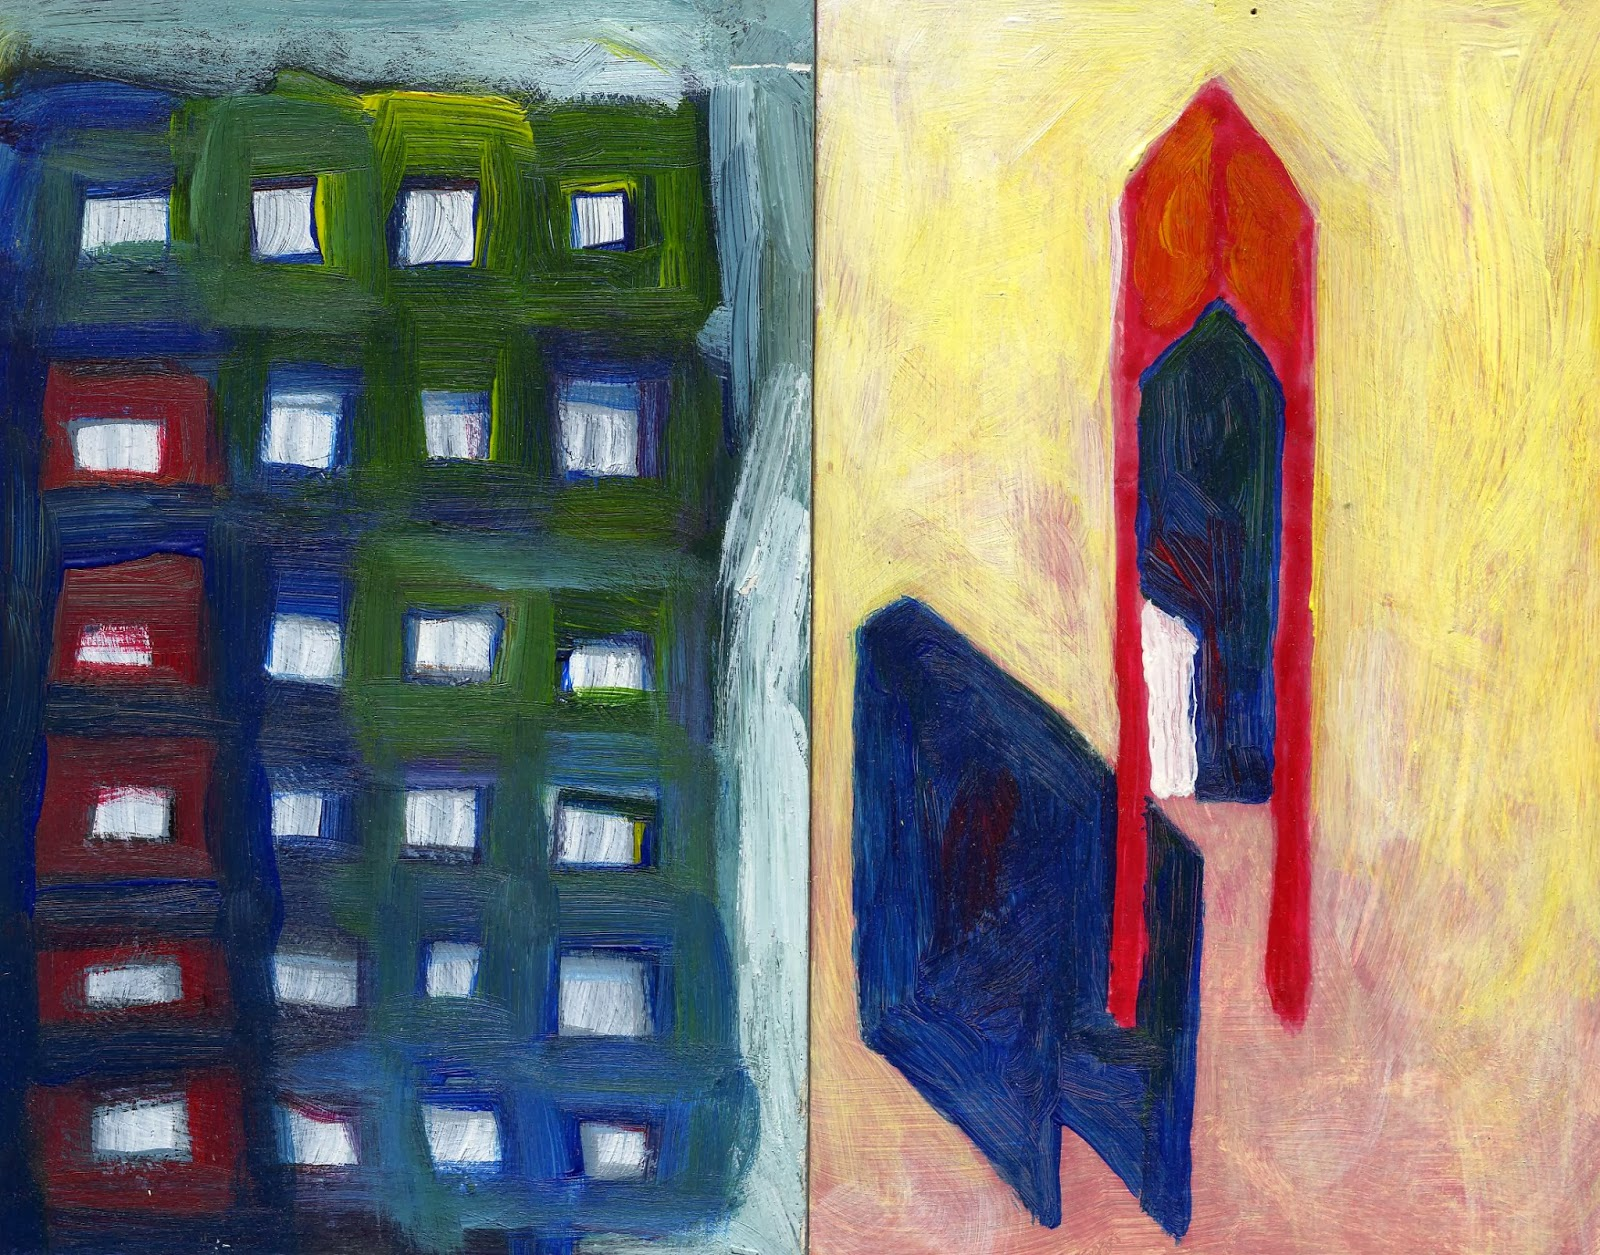 http://www.benoitdecque.com/2012/11/blog-post_5077.html